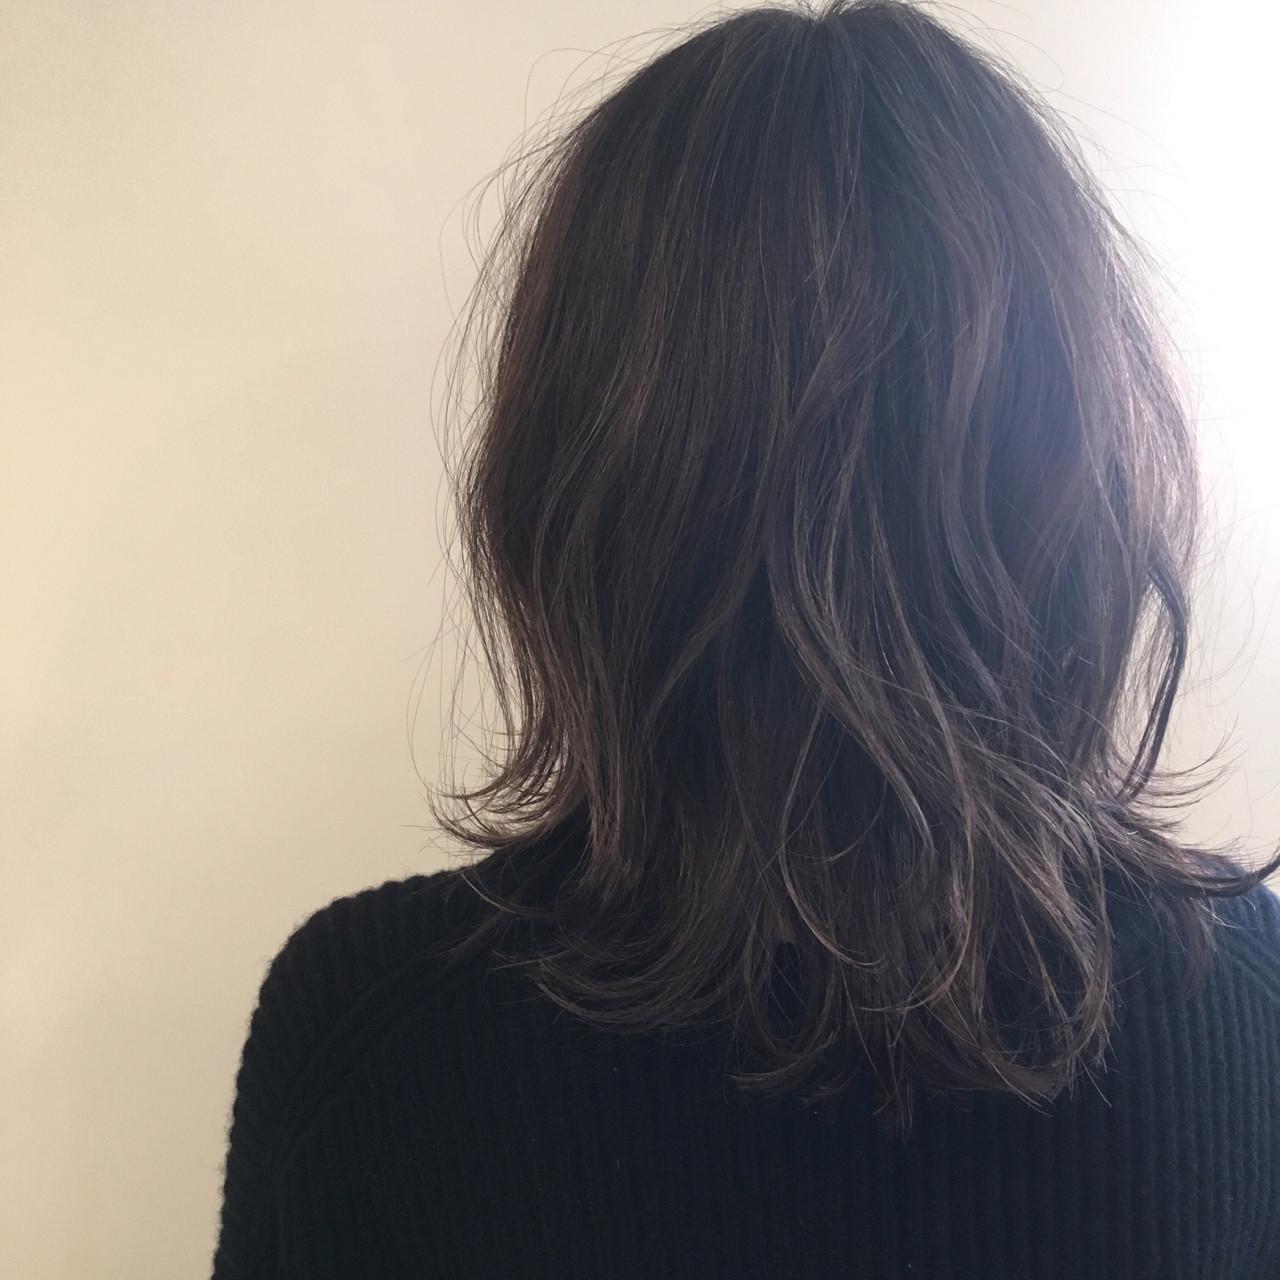 アッシュ ナチュラル 外ハネ 外国人風 ヘアスタイルや髪型の写真・画像